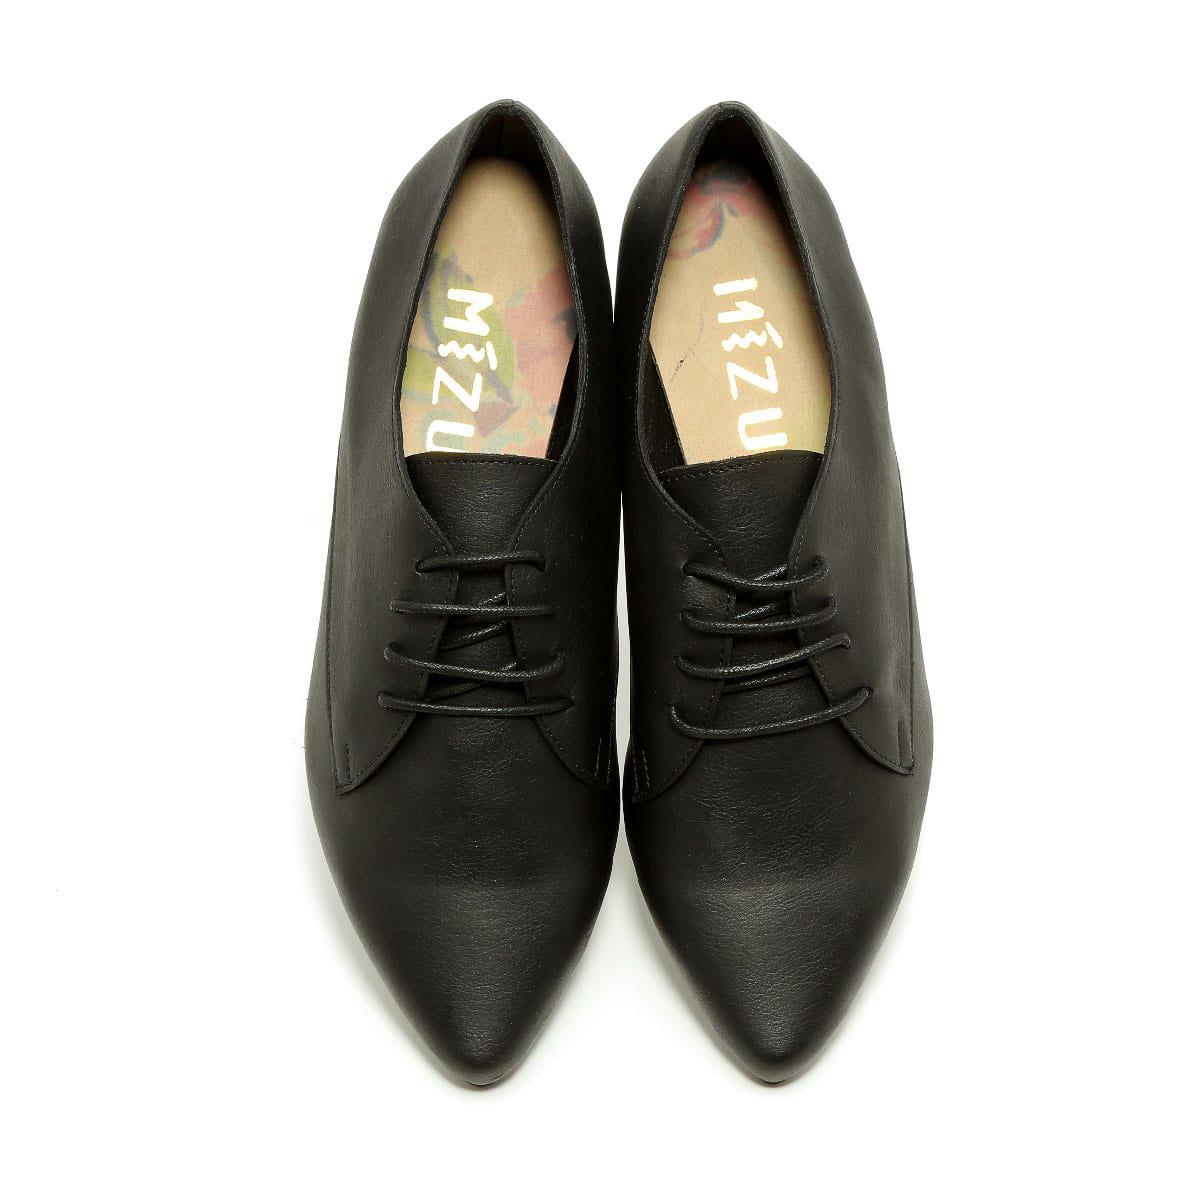 דגם פנלופה: נעלי אוקספורד טבעוניות לנשים